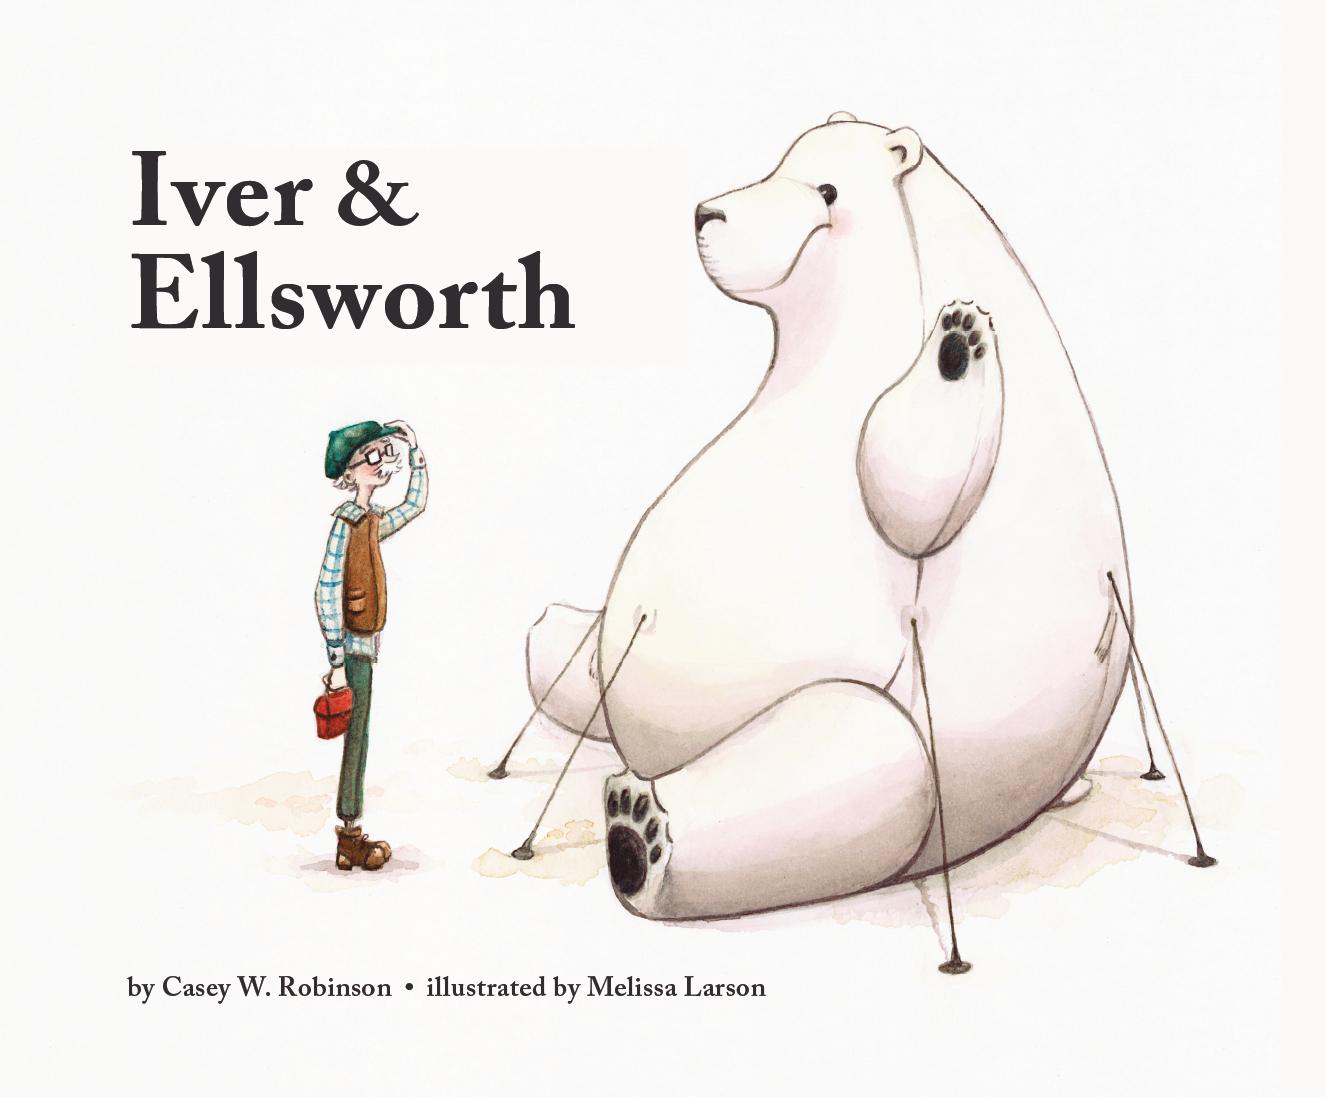 Iver & Ellsworth Cover Image.jpg